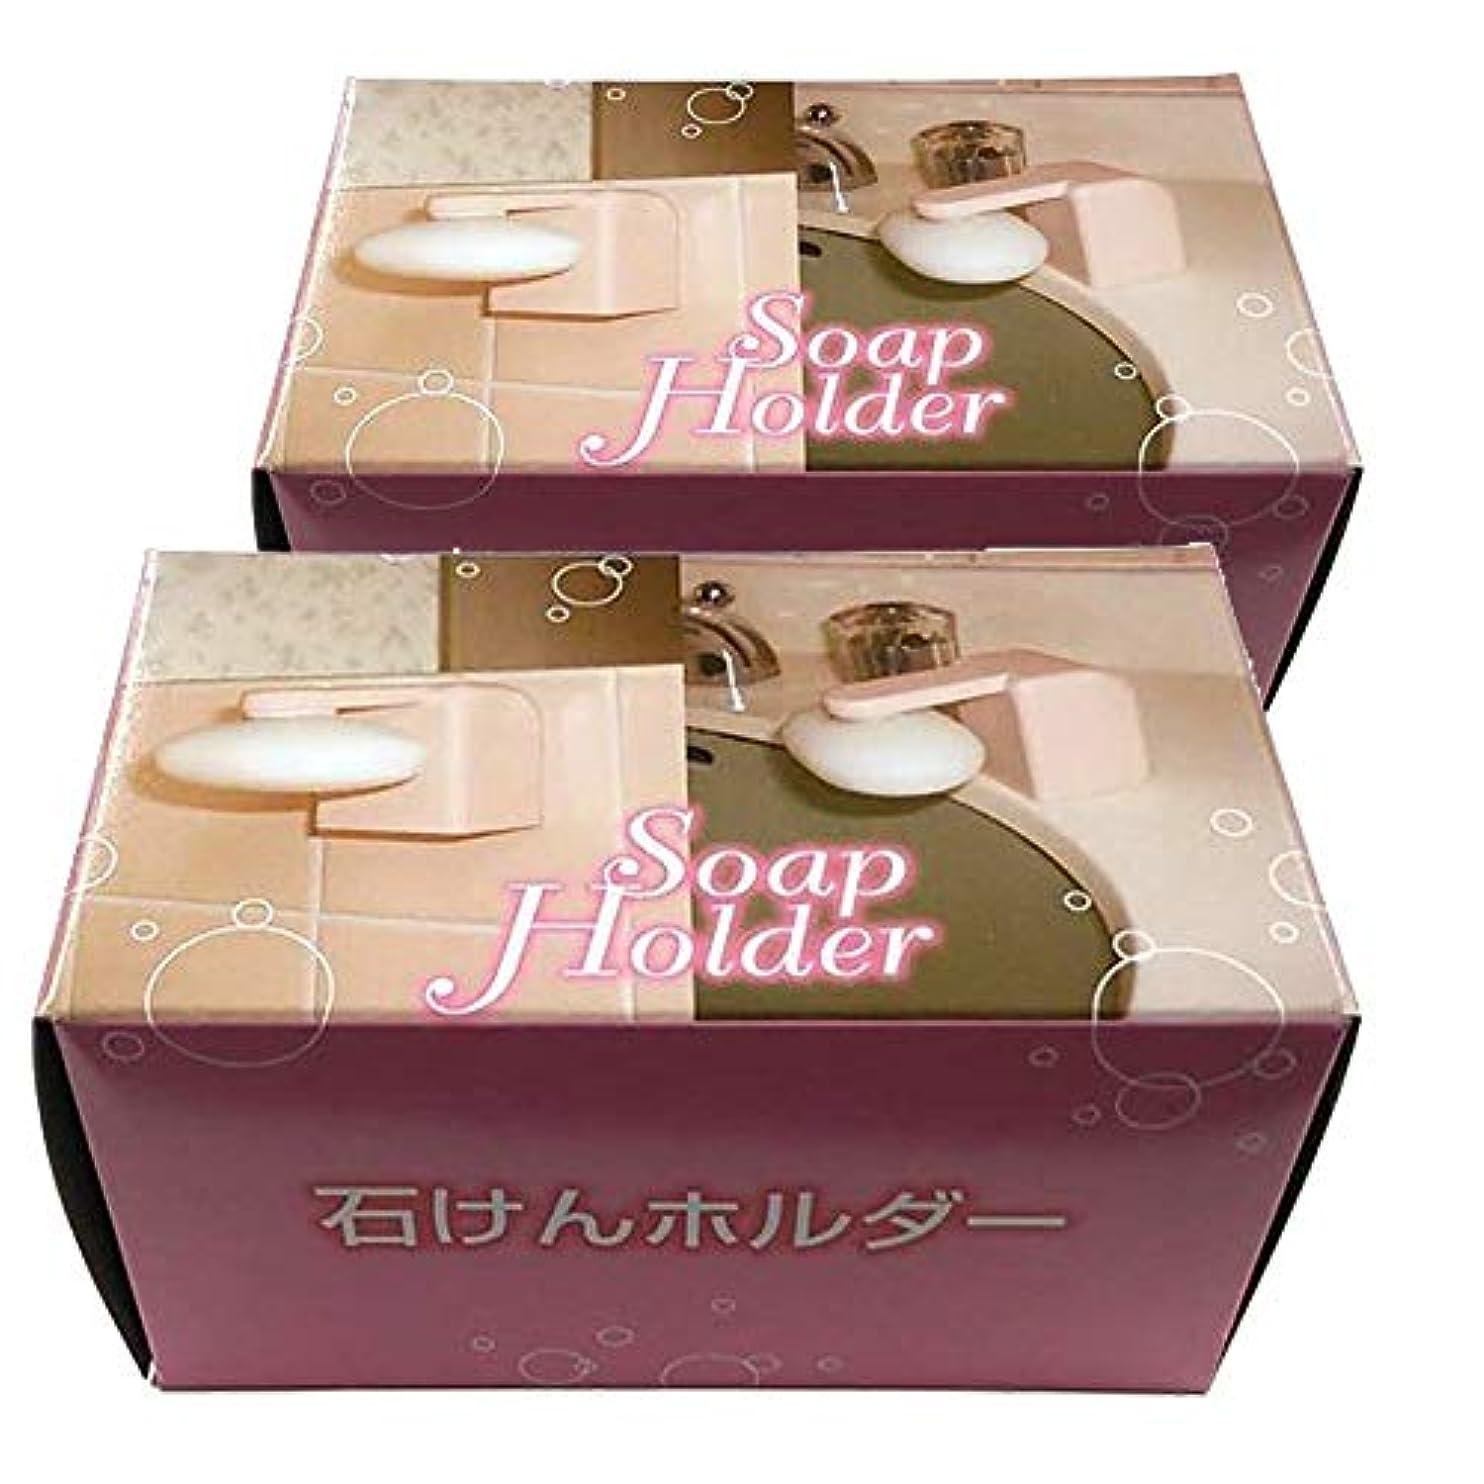 シンカン決定的しなやかマグネット石けんホルダー(2個セット) 石鹸が溶けないホルダー